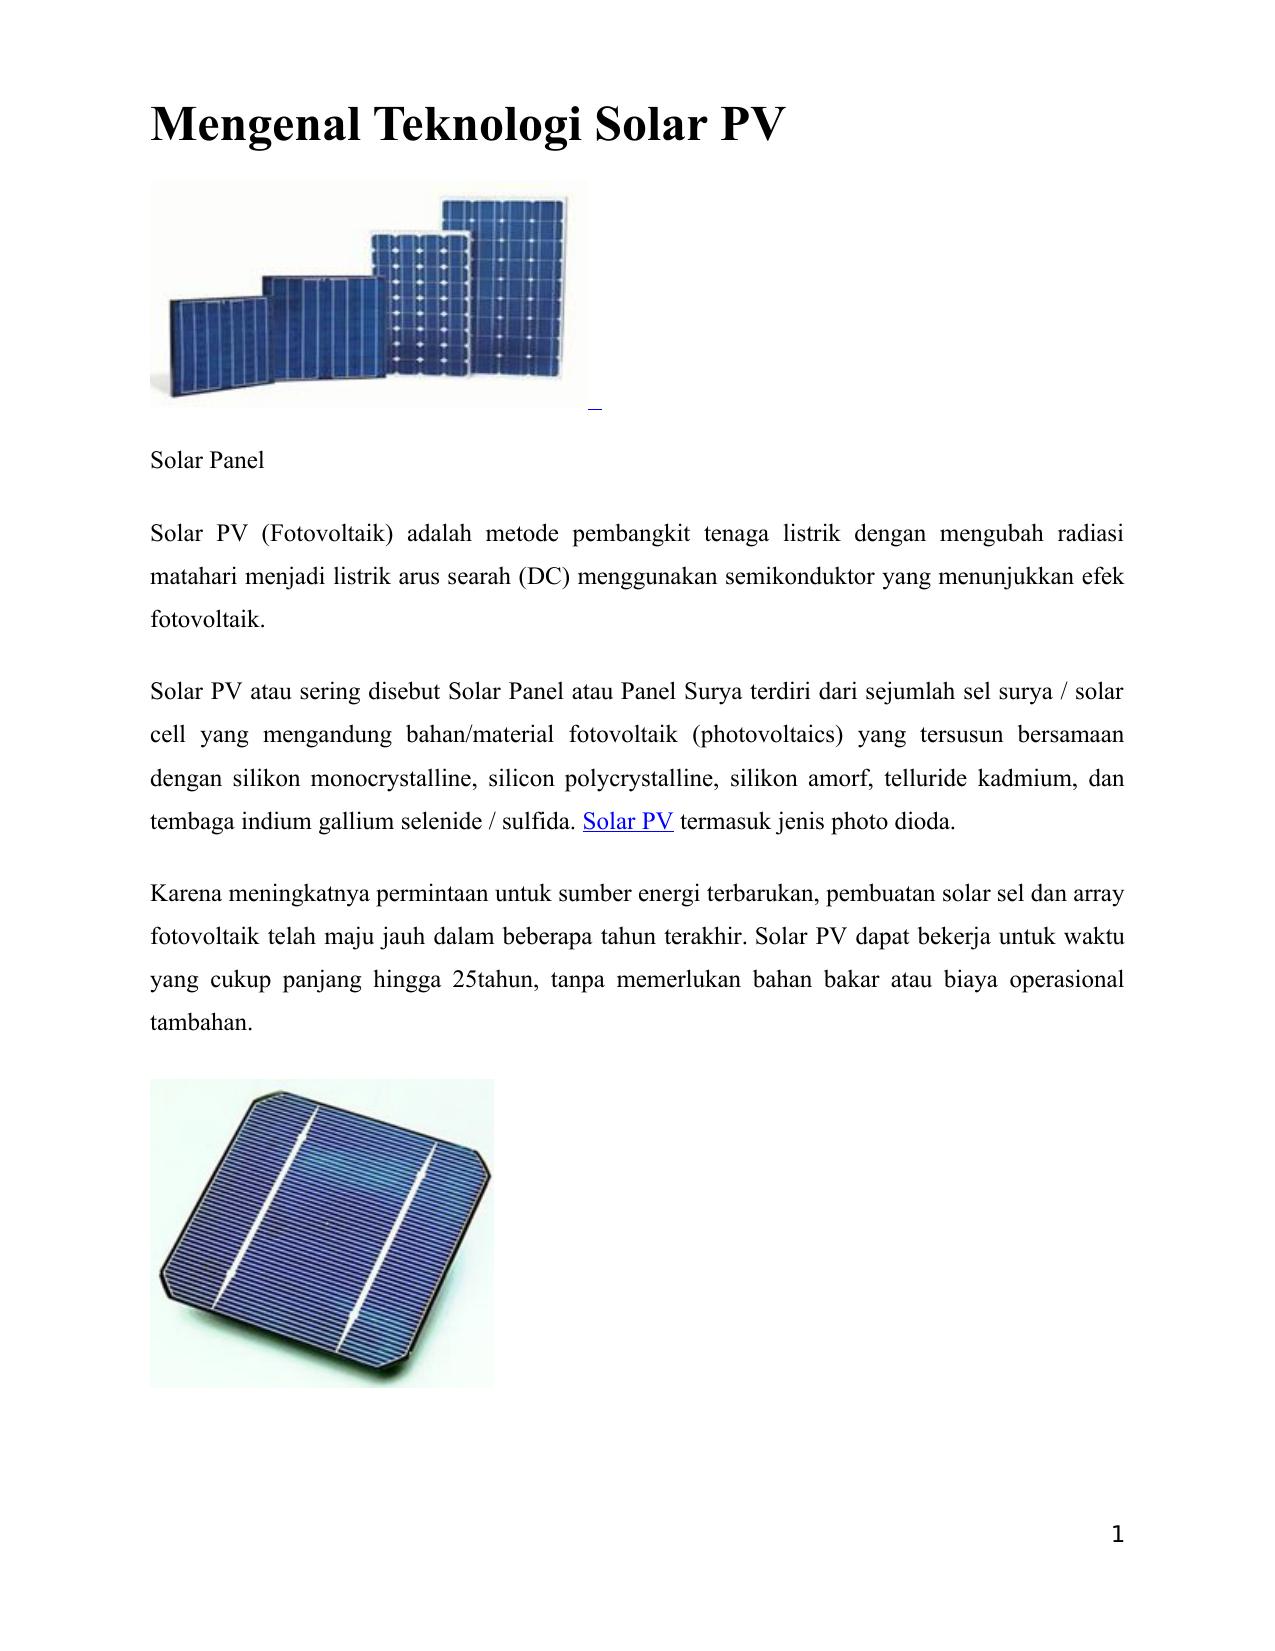 Pembangkit Listrik Energi Surya Sering Disebut Juga Dengan ...